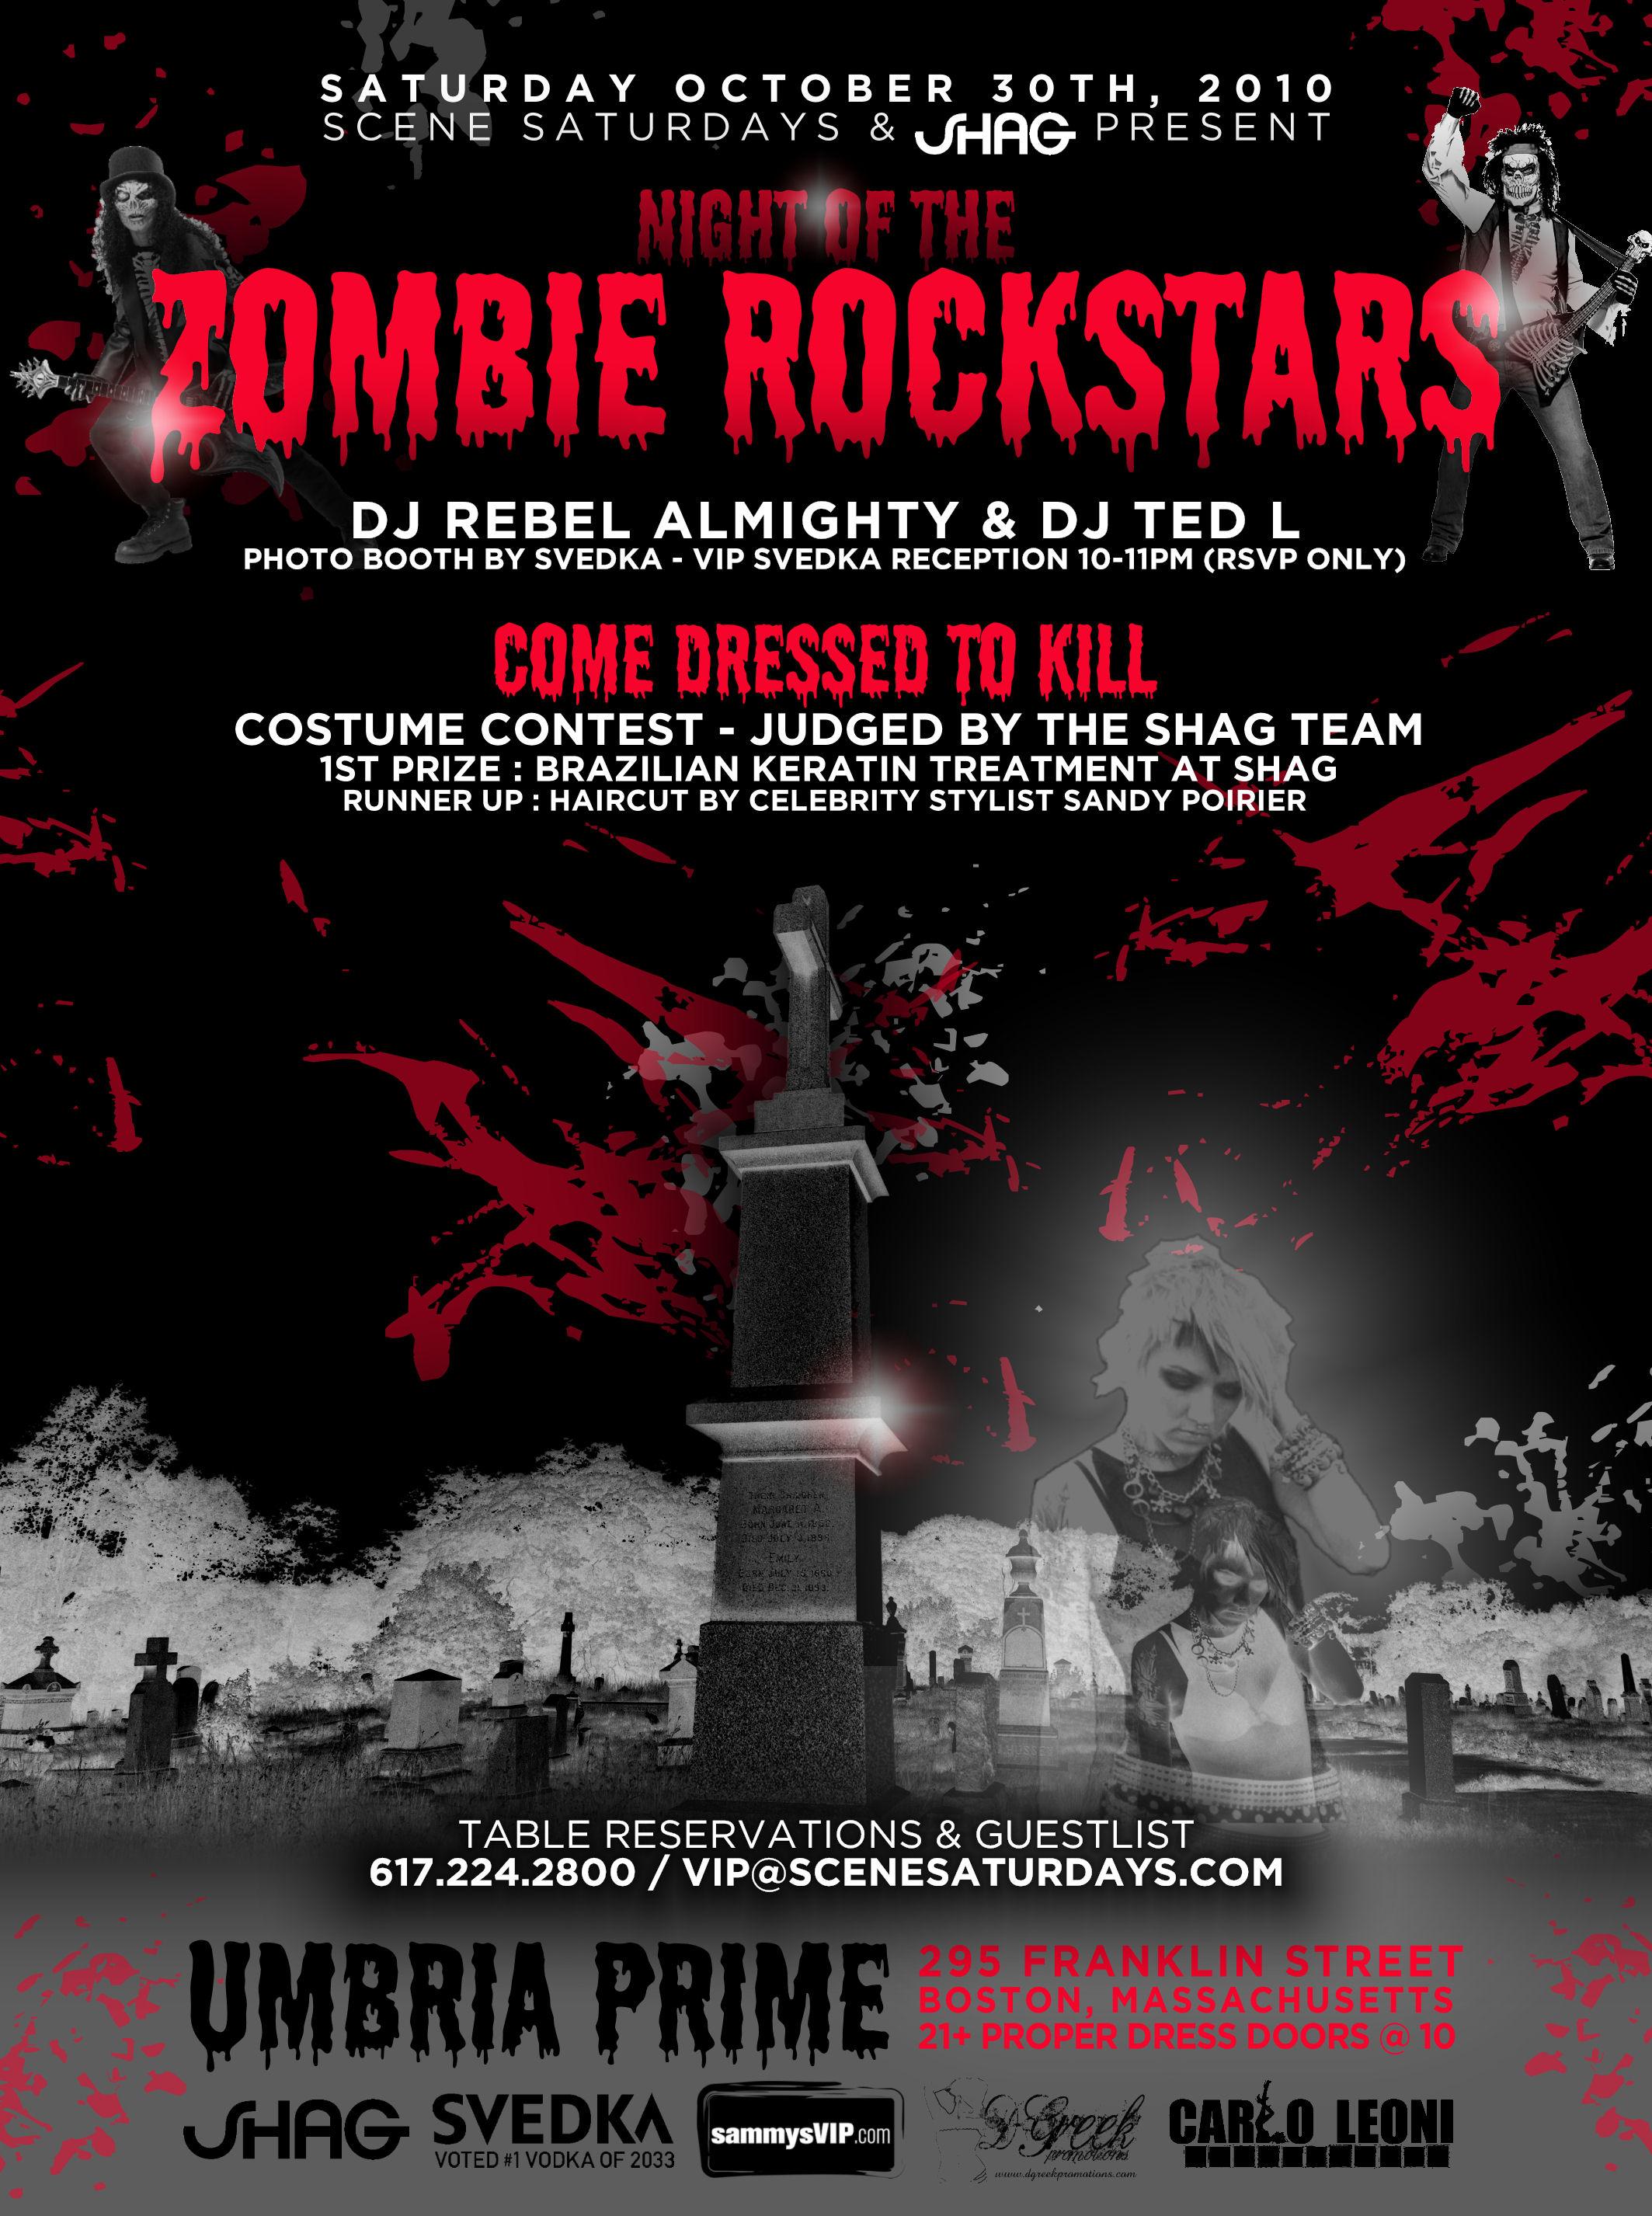 Halloween Zombie Flyer 10/30/10